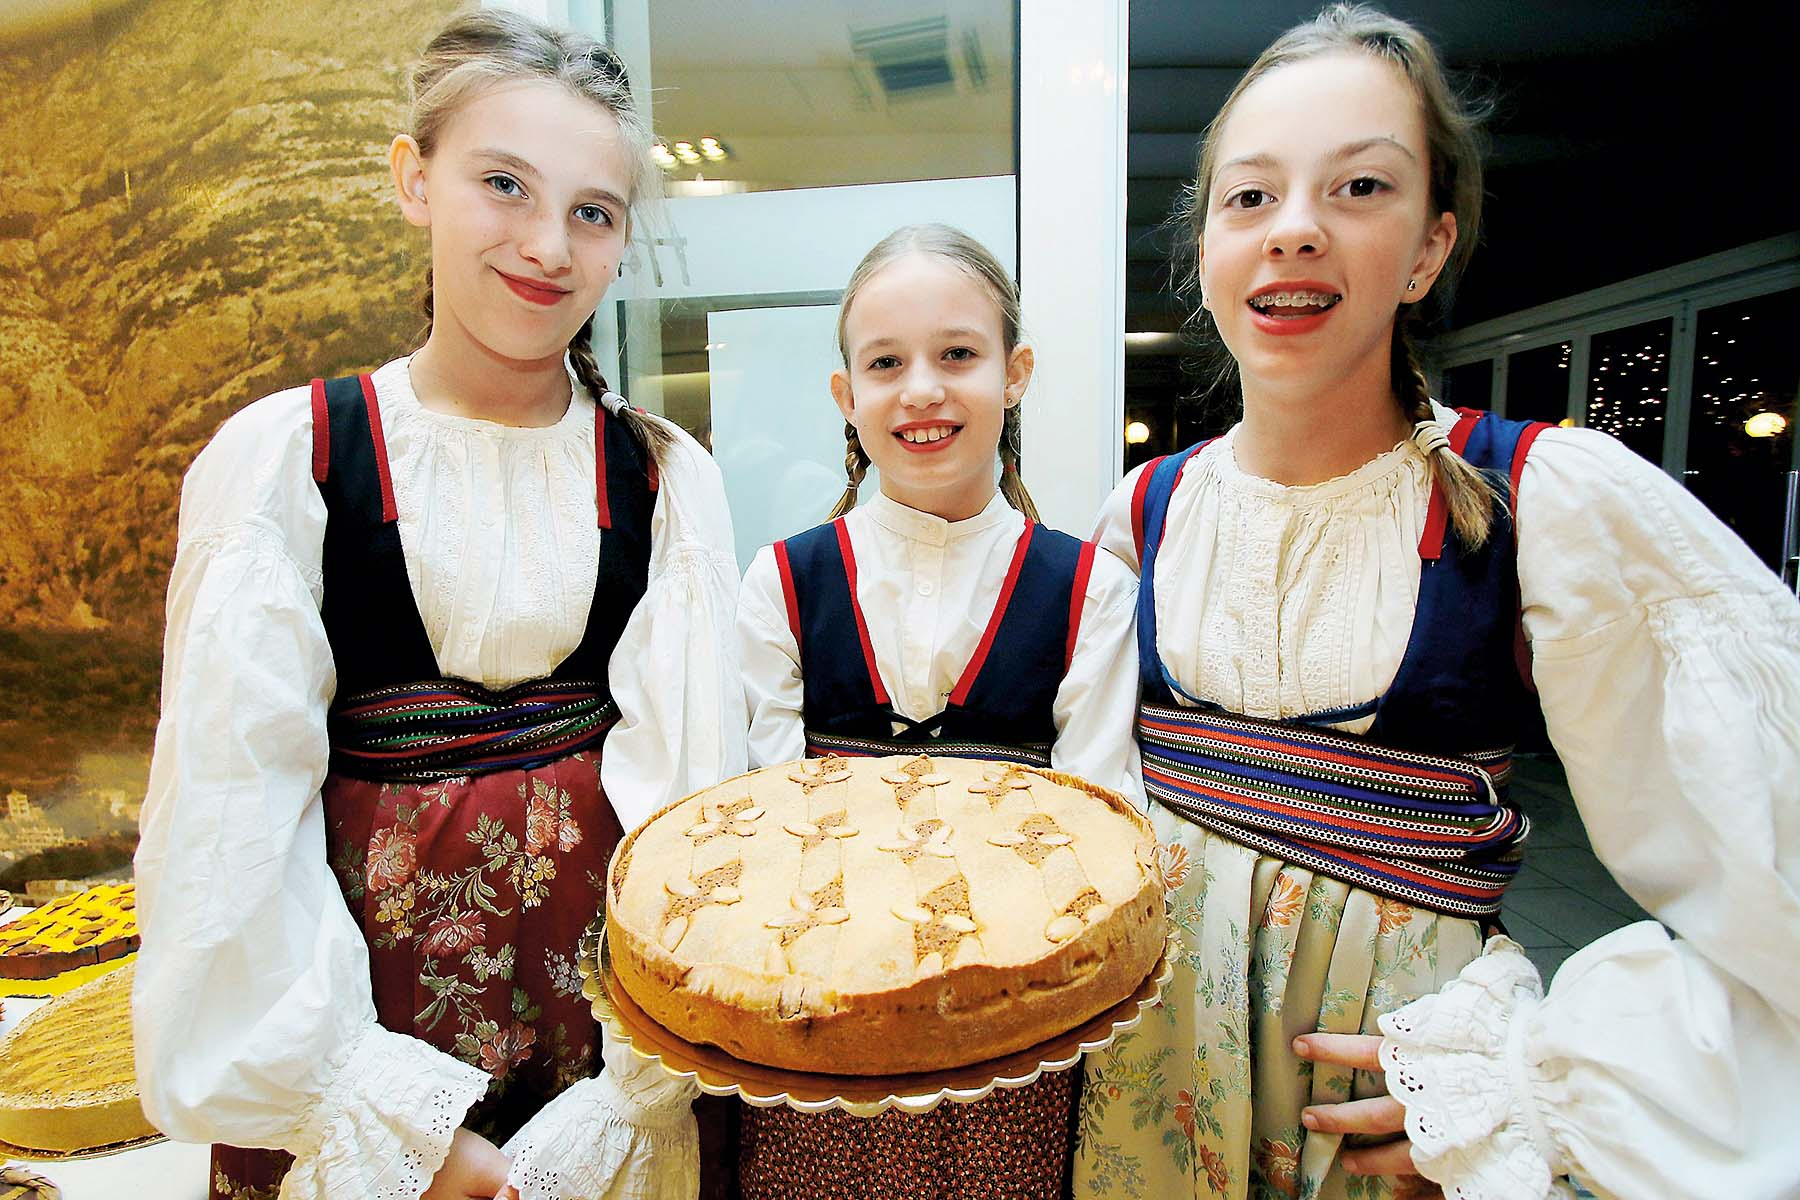 Makarska, 241118. Izbor za najbolju tortu Makaranu, tradicijski makarski kolac koji je zasticen kao nematerijalna bastina.  Najbojla torta birala se izmedju njih trinaest. Foto: Ivo Ravlic / CROPIX